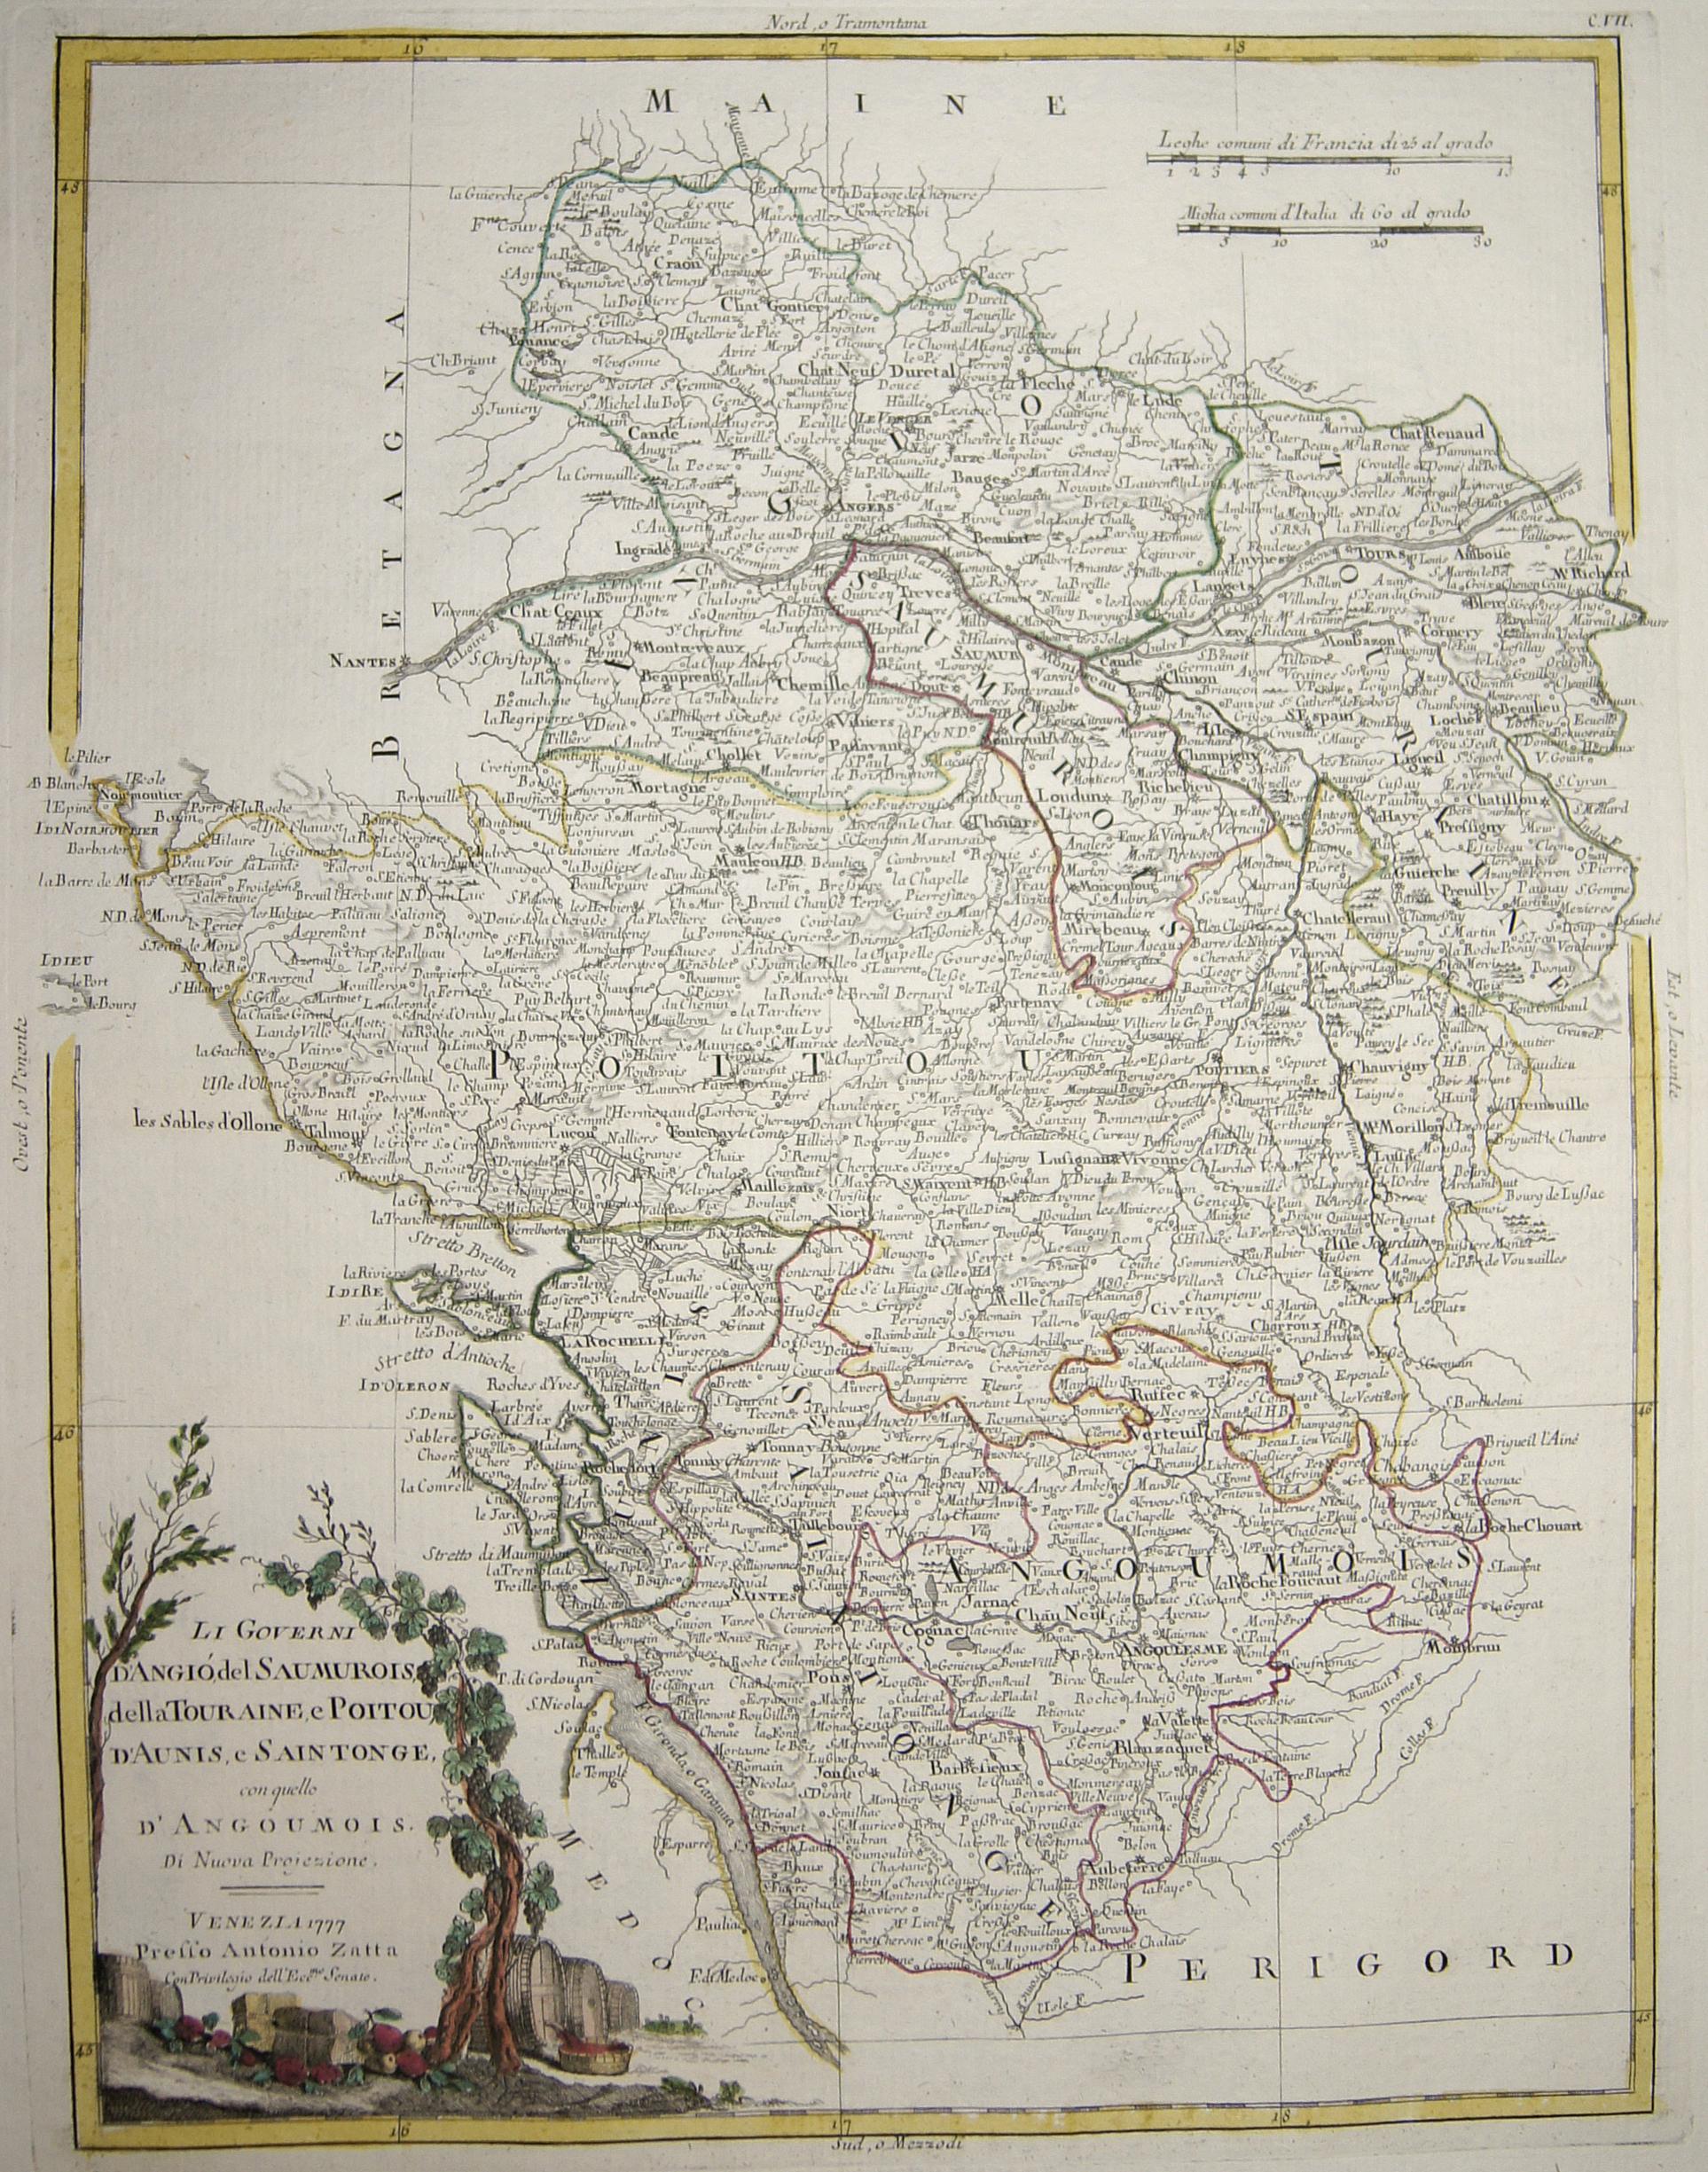 Zatta Antonio Li Governi d'Angió, del Saumurois, della Touraine, e Poitou, d'Aunis, e Saintonge, con quello d'Angoumois.